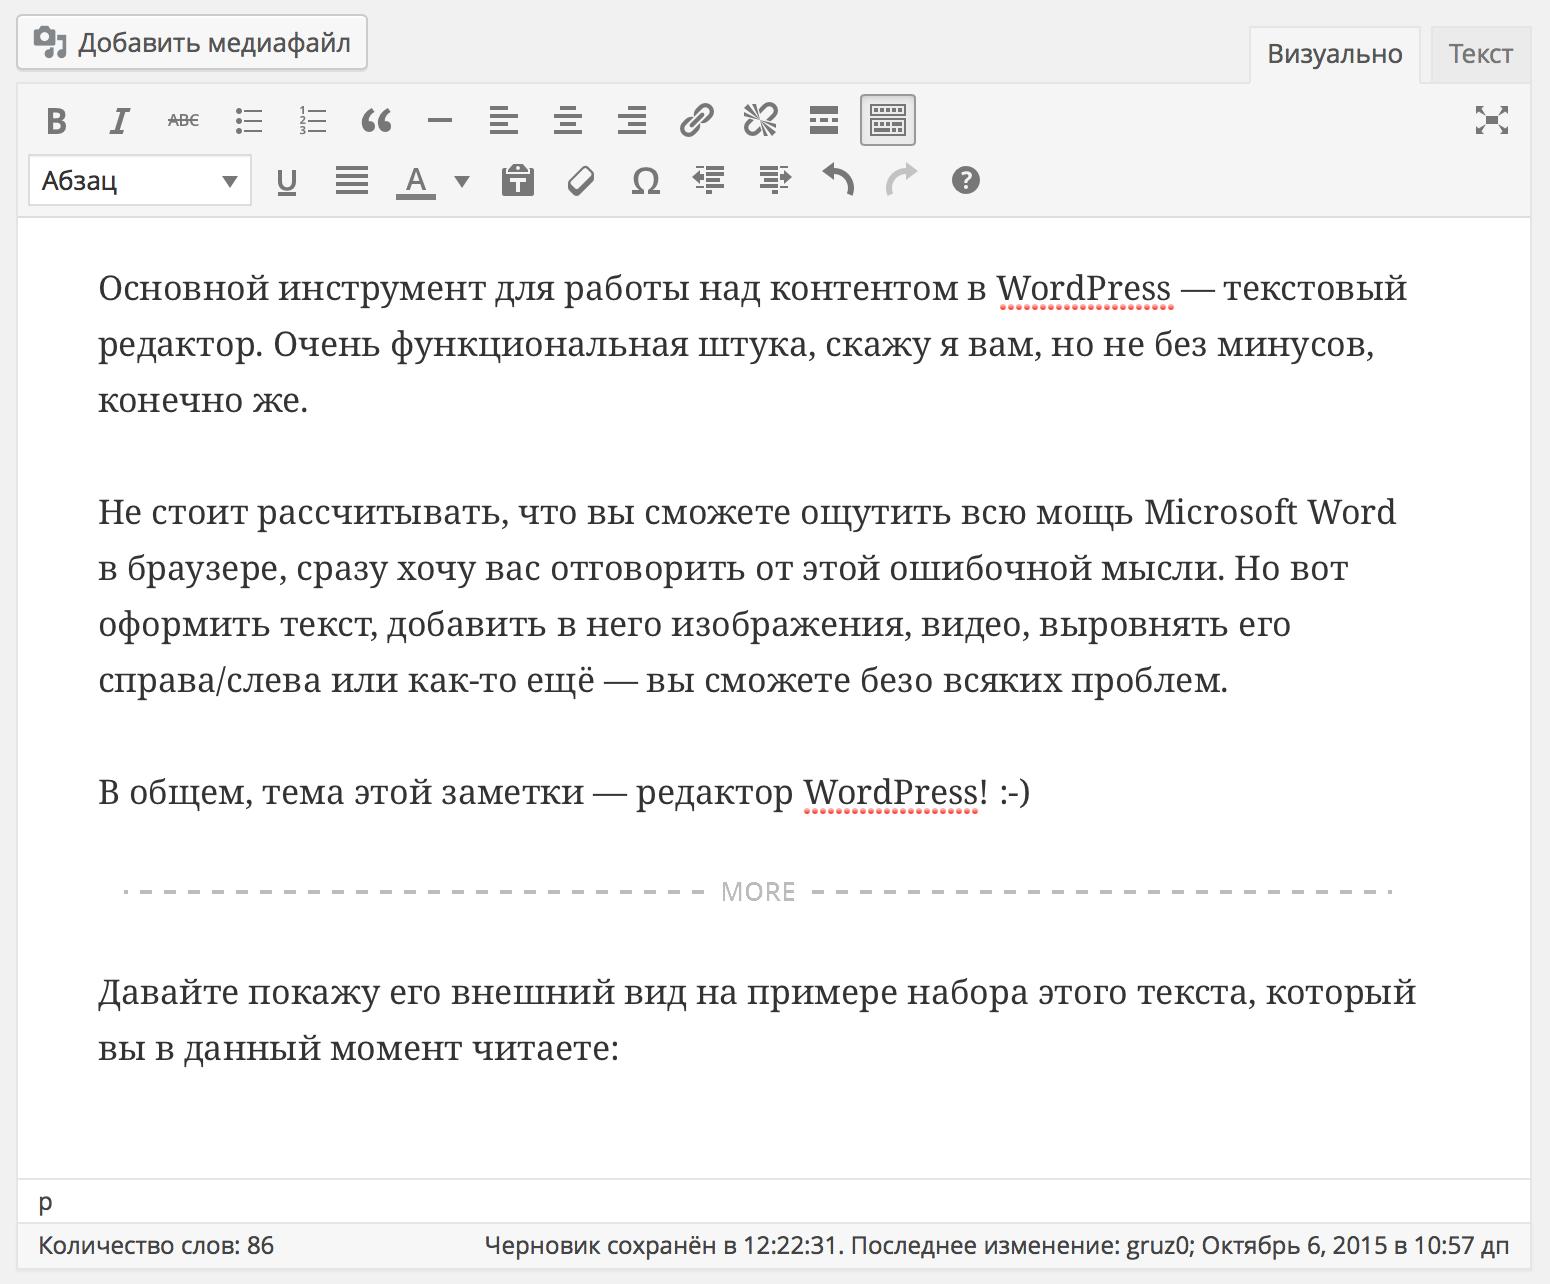 Внешний вид редактора WordPress